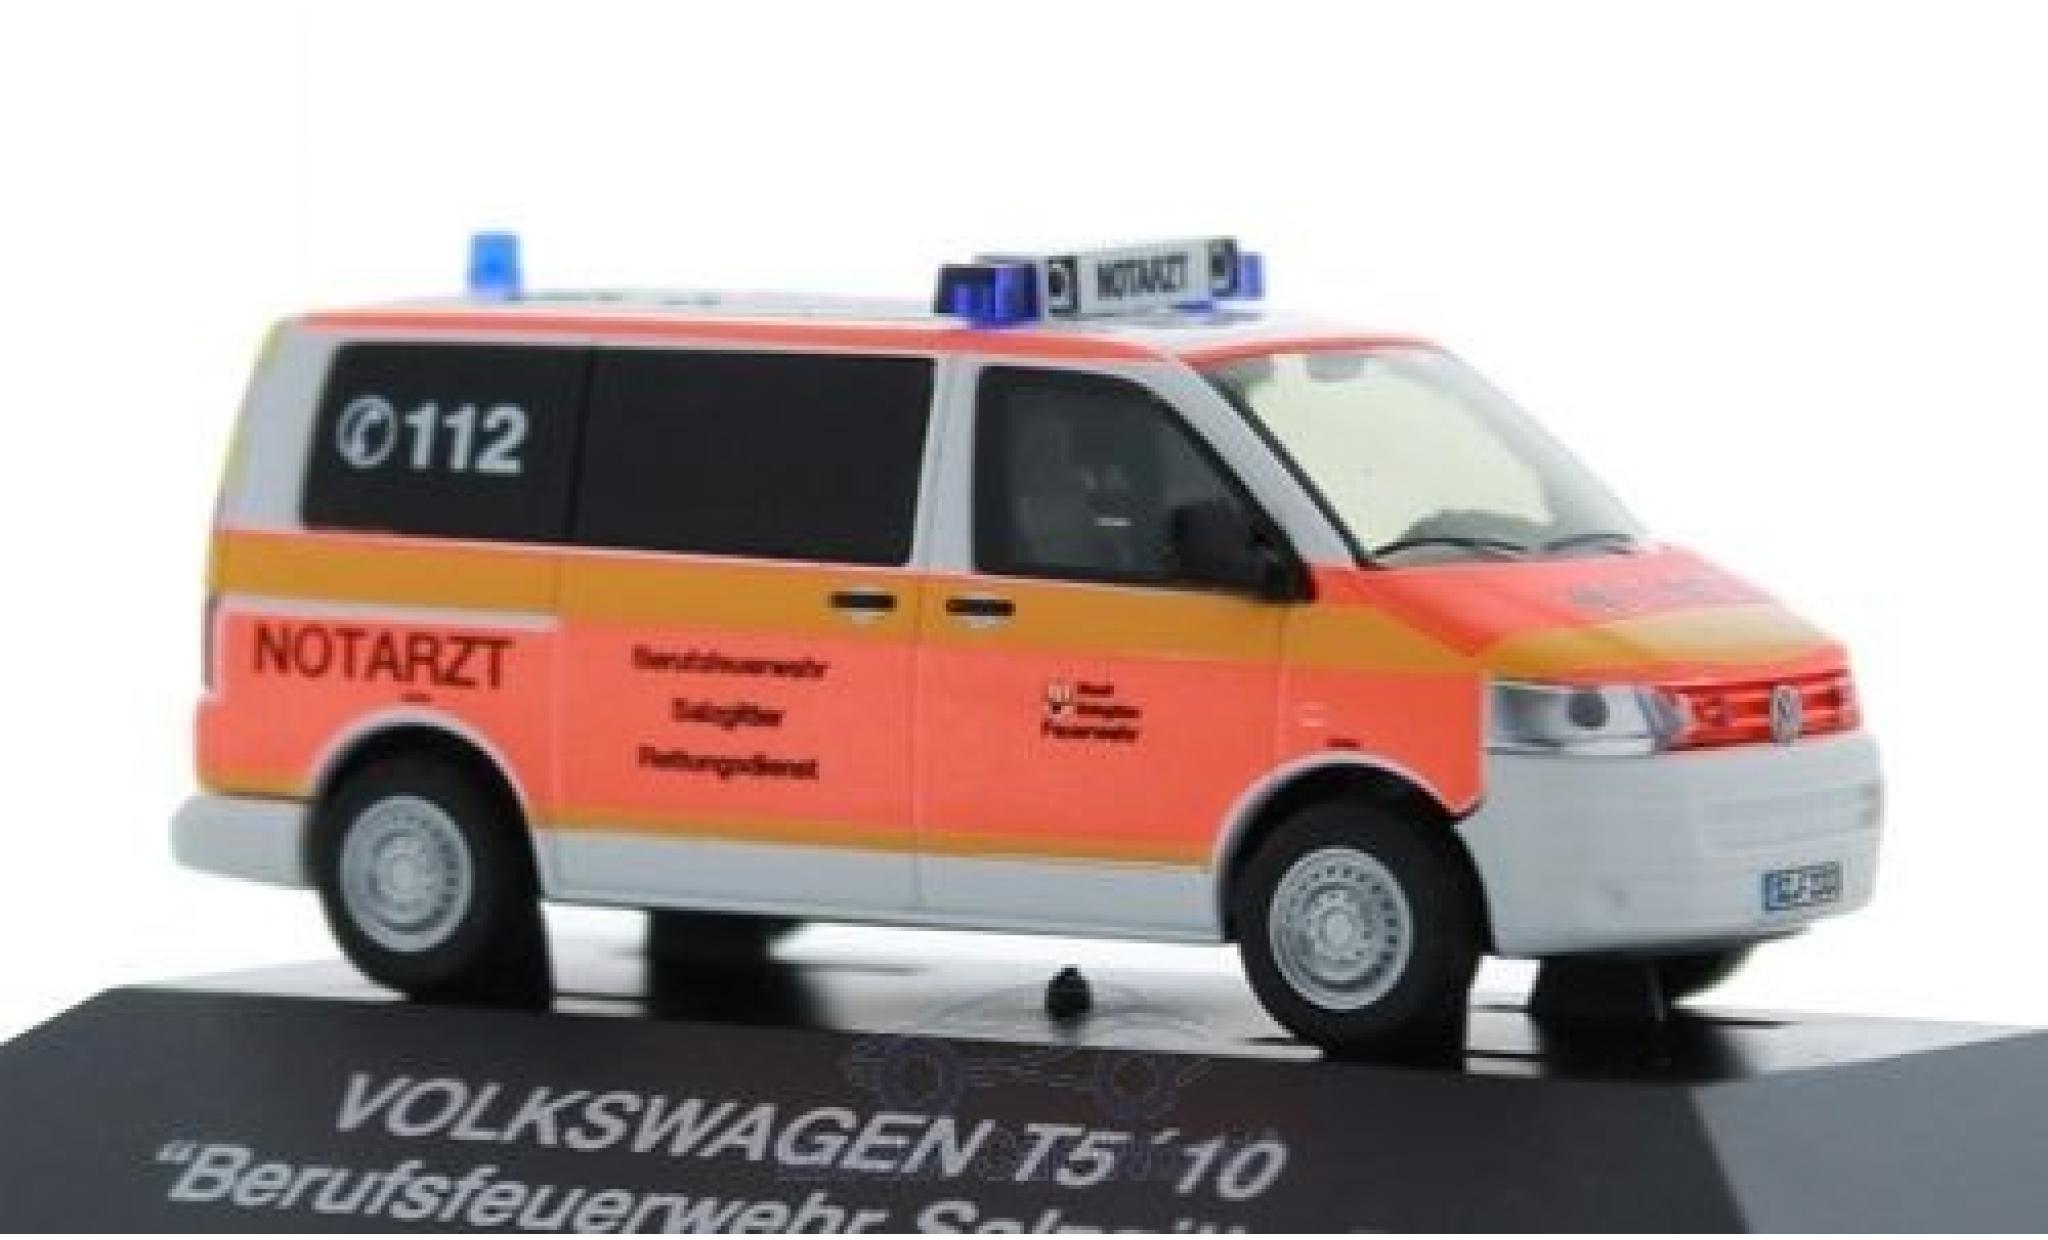 Volkswagen T5 1/87 Rietze Notarzt Feuerwehr Salzgitter 2010